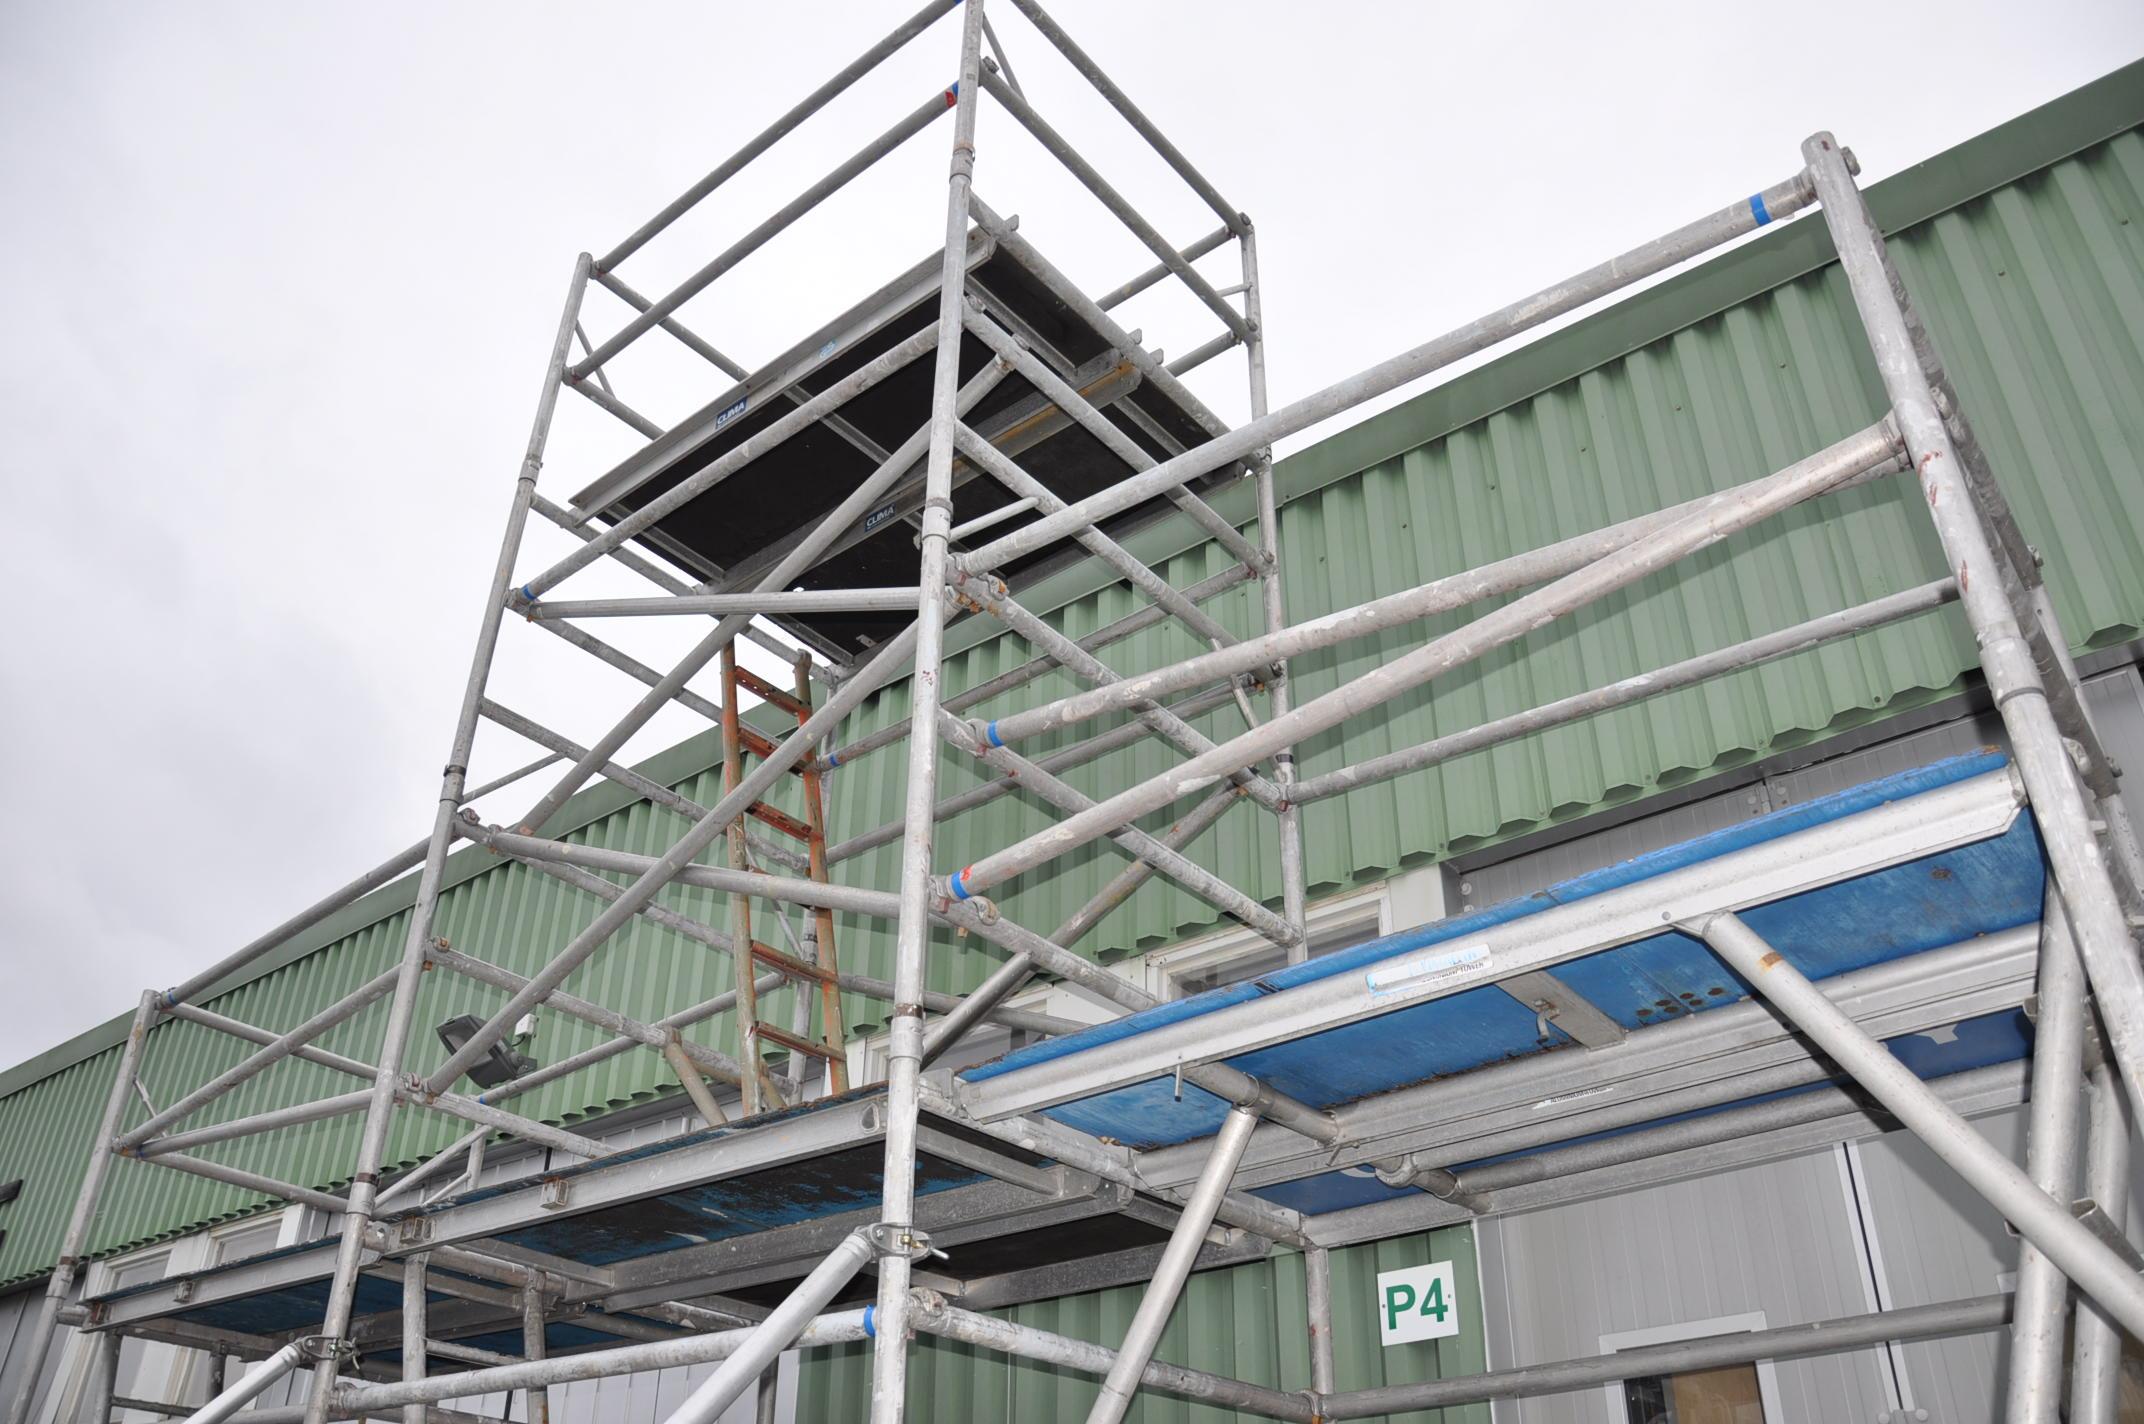 Hyra byggnadsställning Stockholm Montering (7)